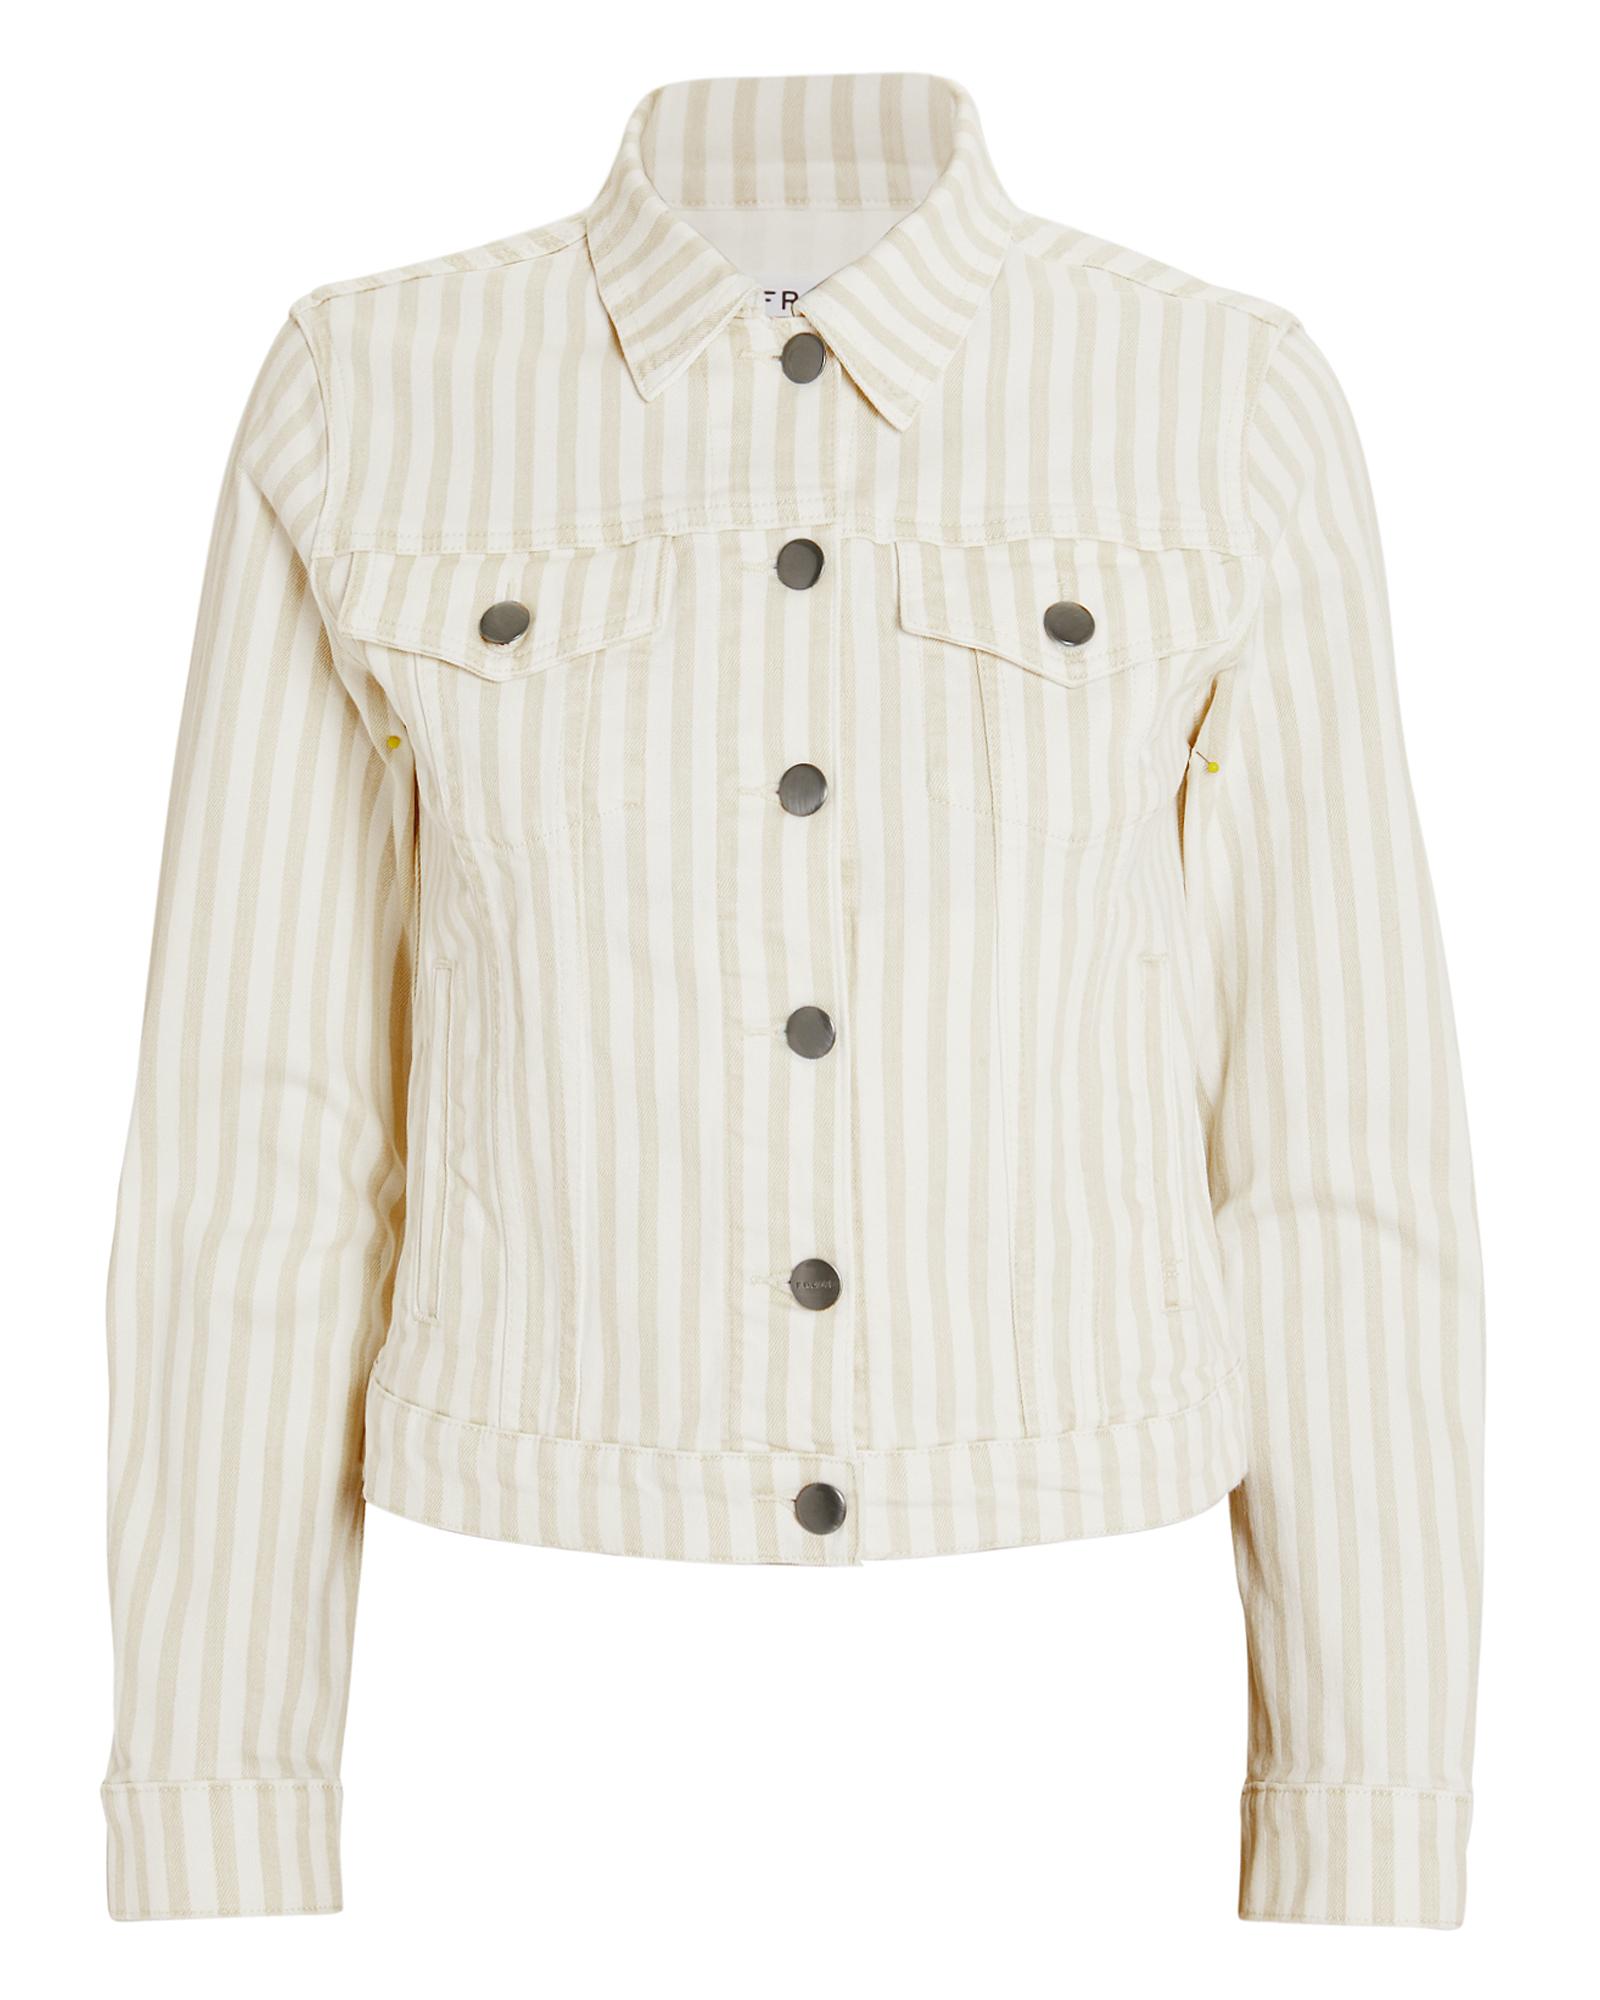 Frame Jackets FRAME LE VINTAGE COURTYARD STRIPED DENIM JACKET  WHITE/BEIGE P